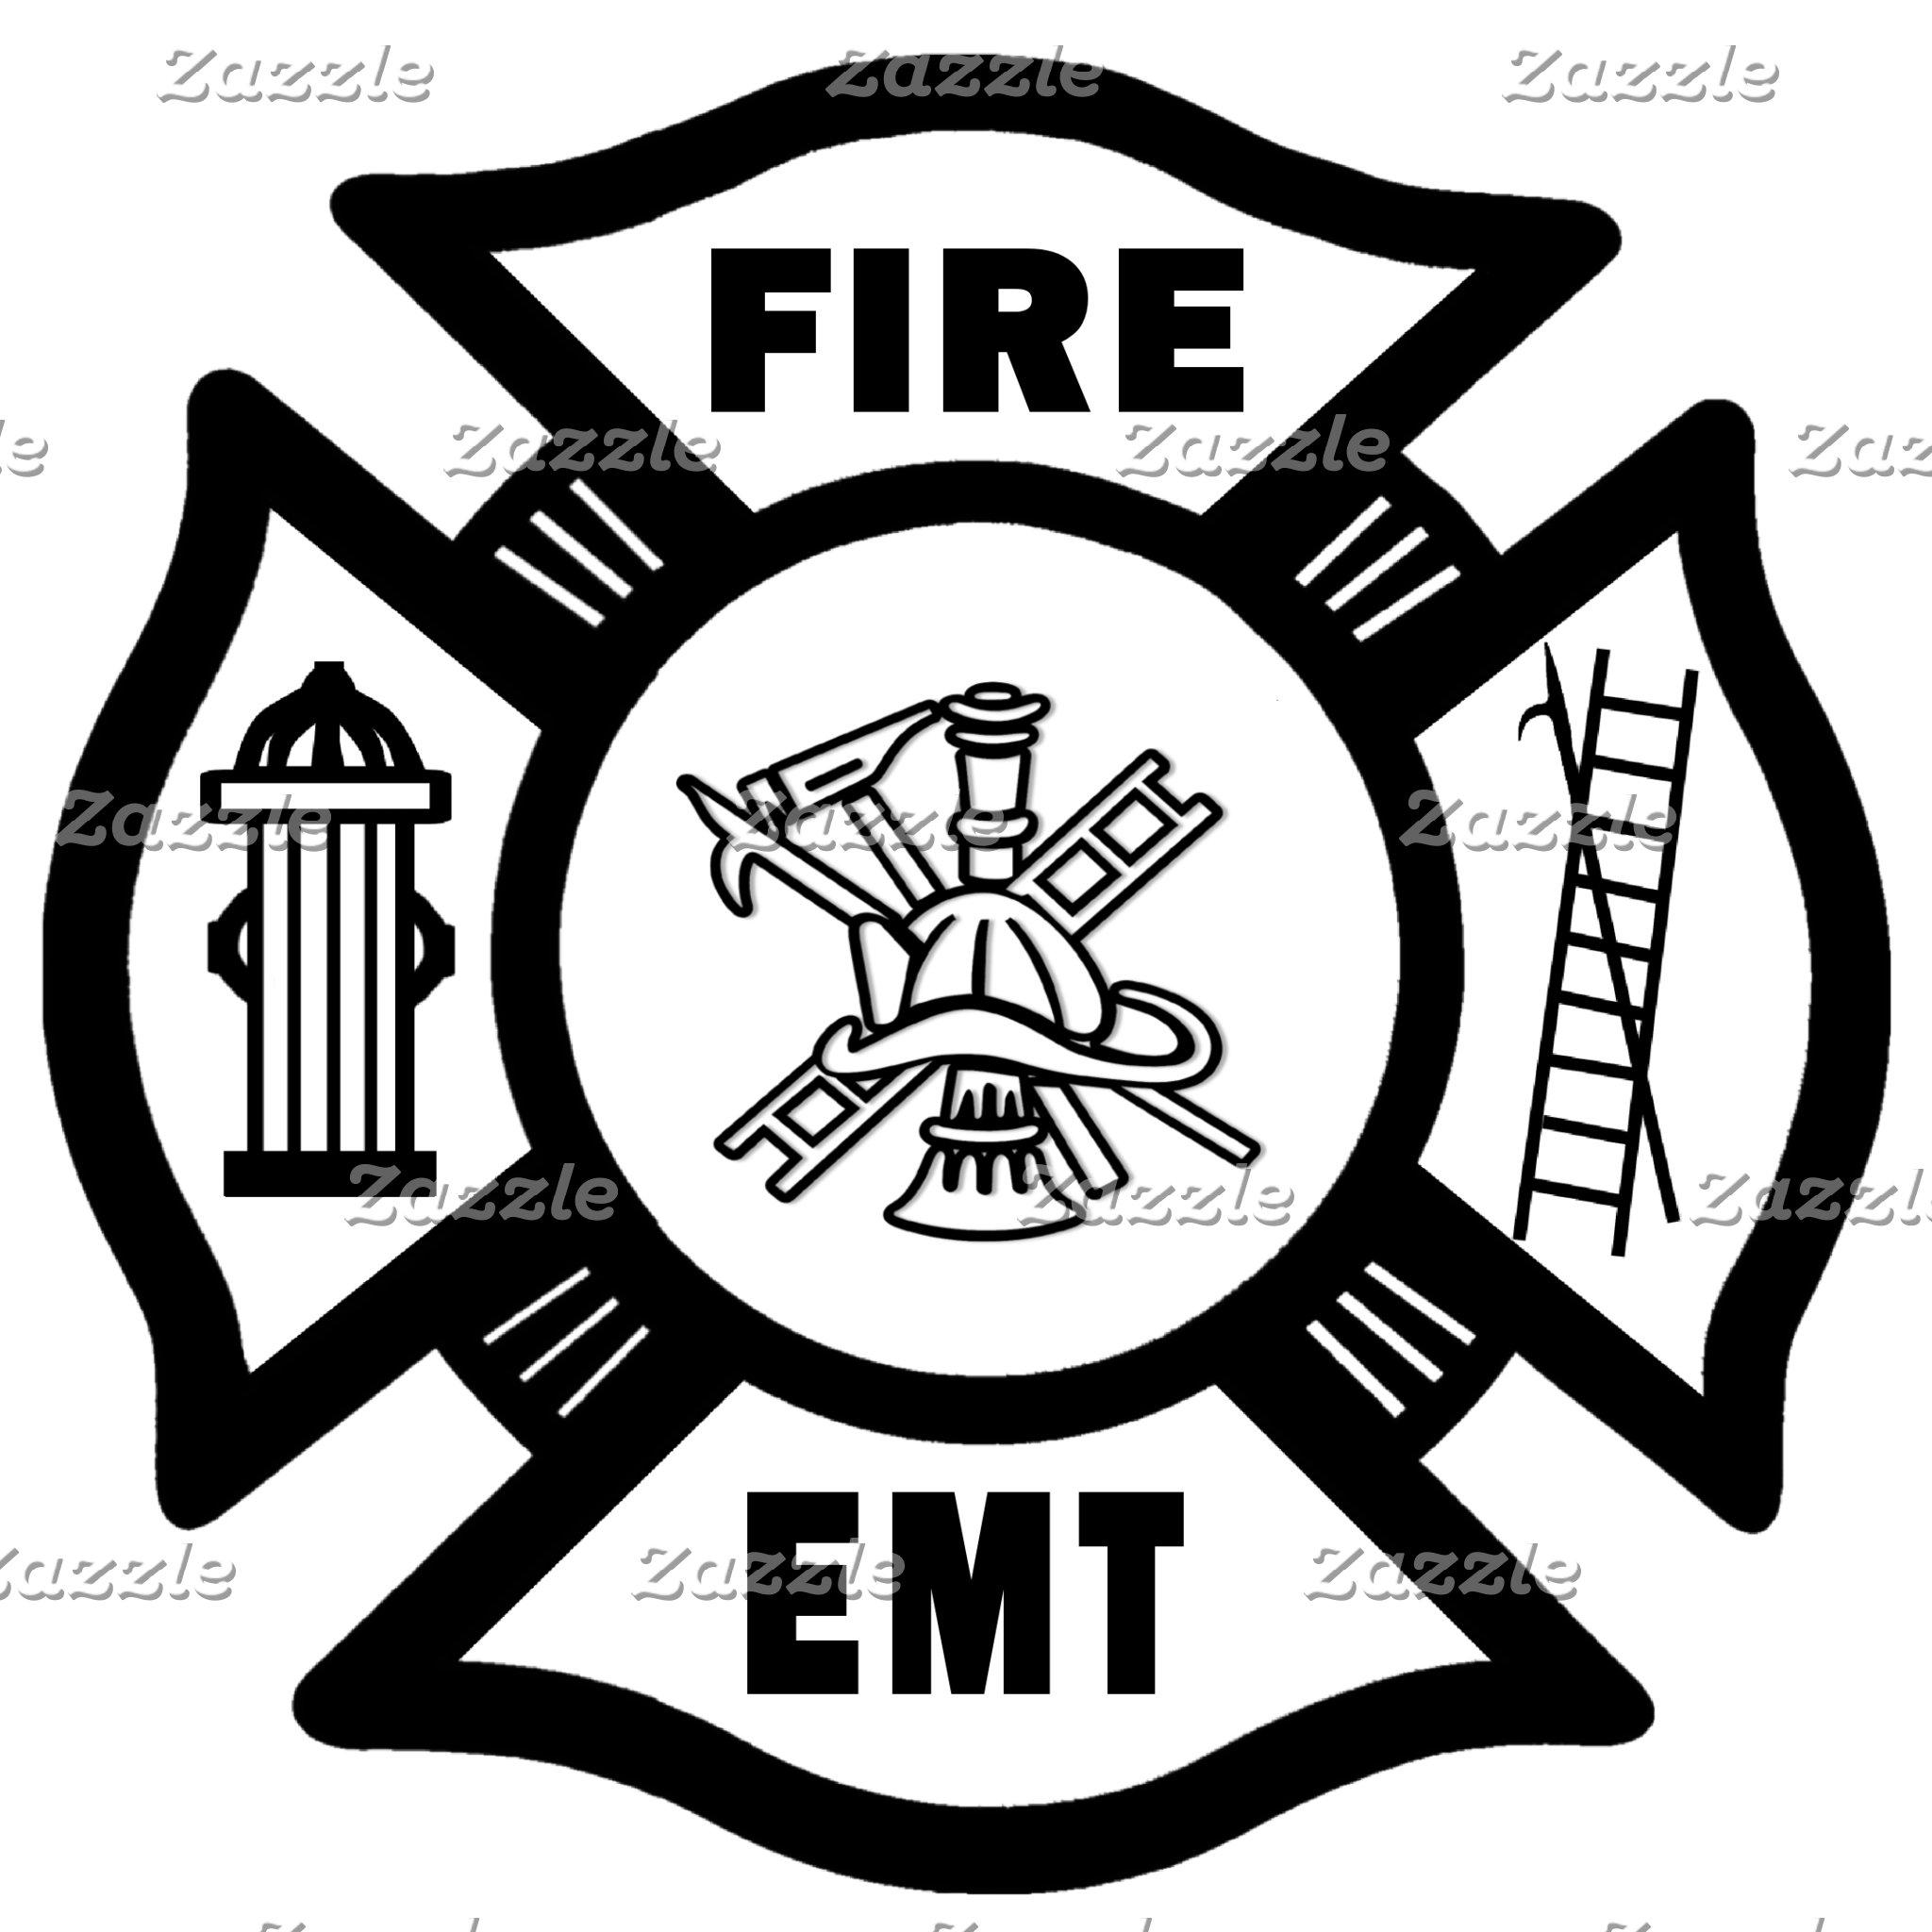 Fire EMT